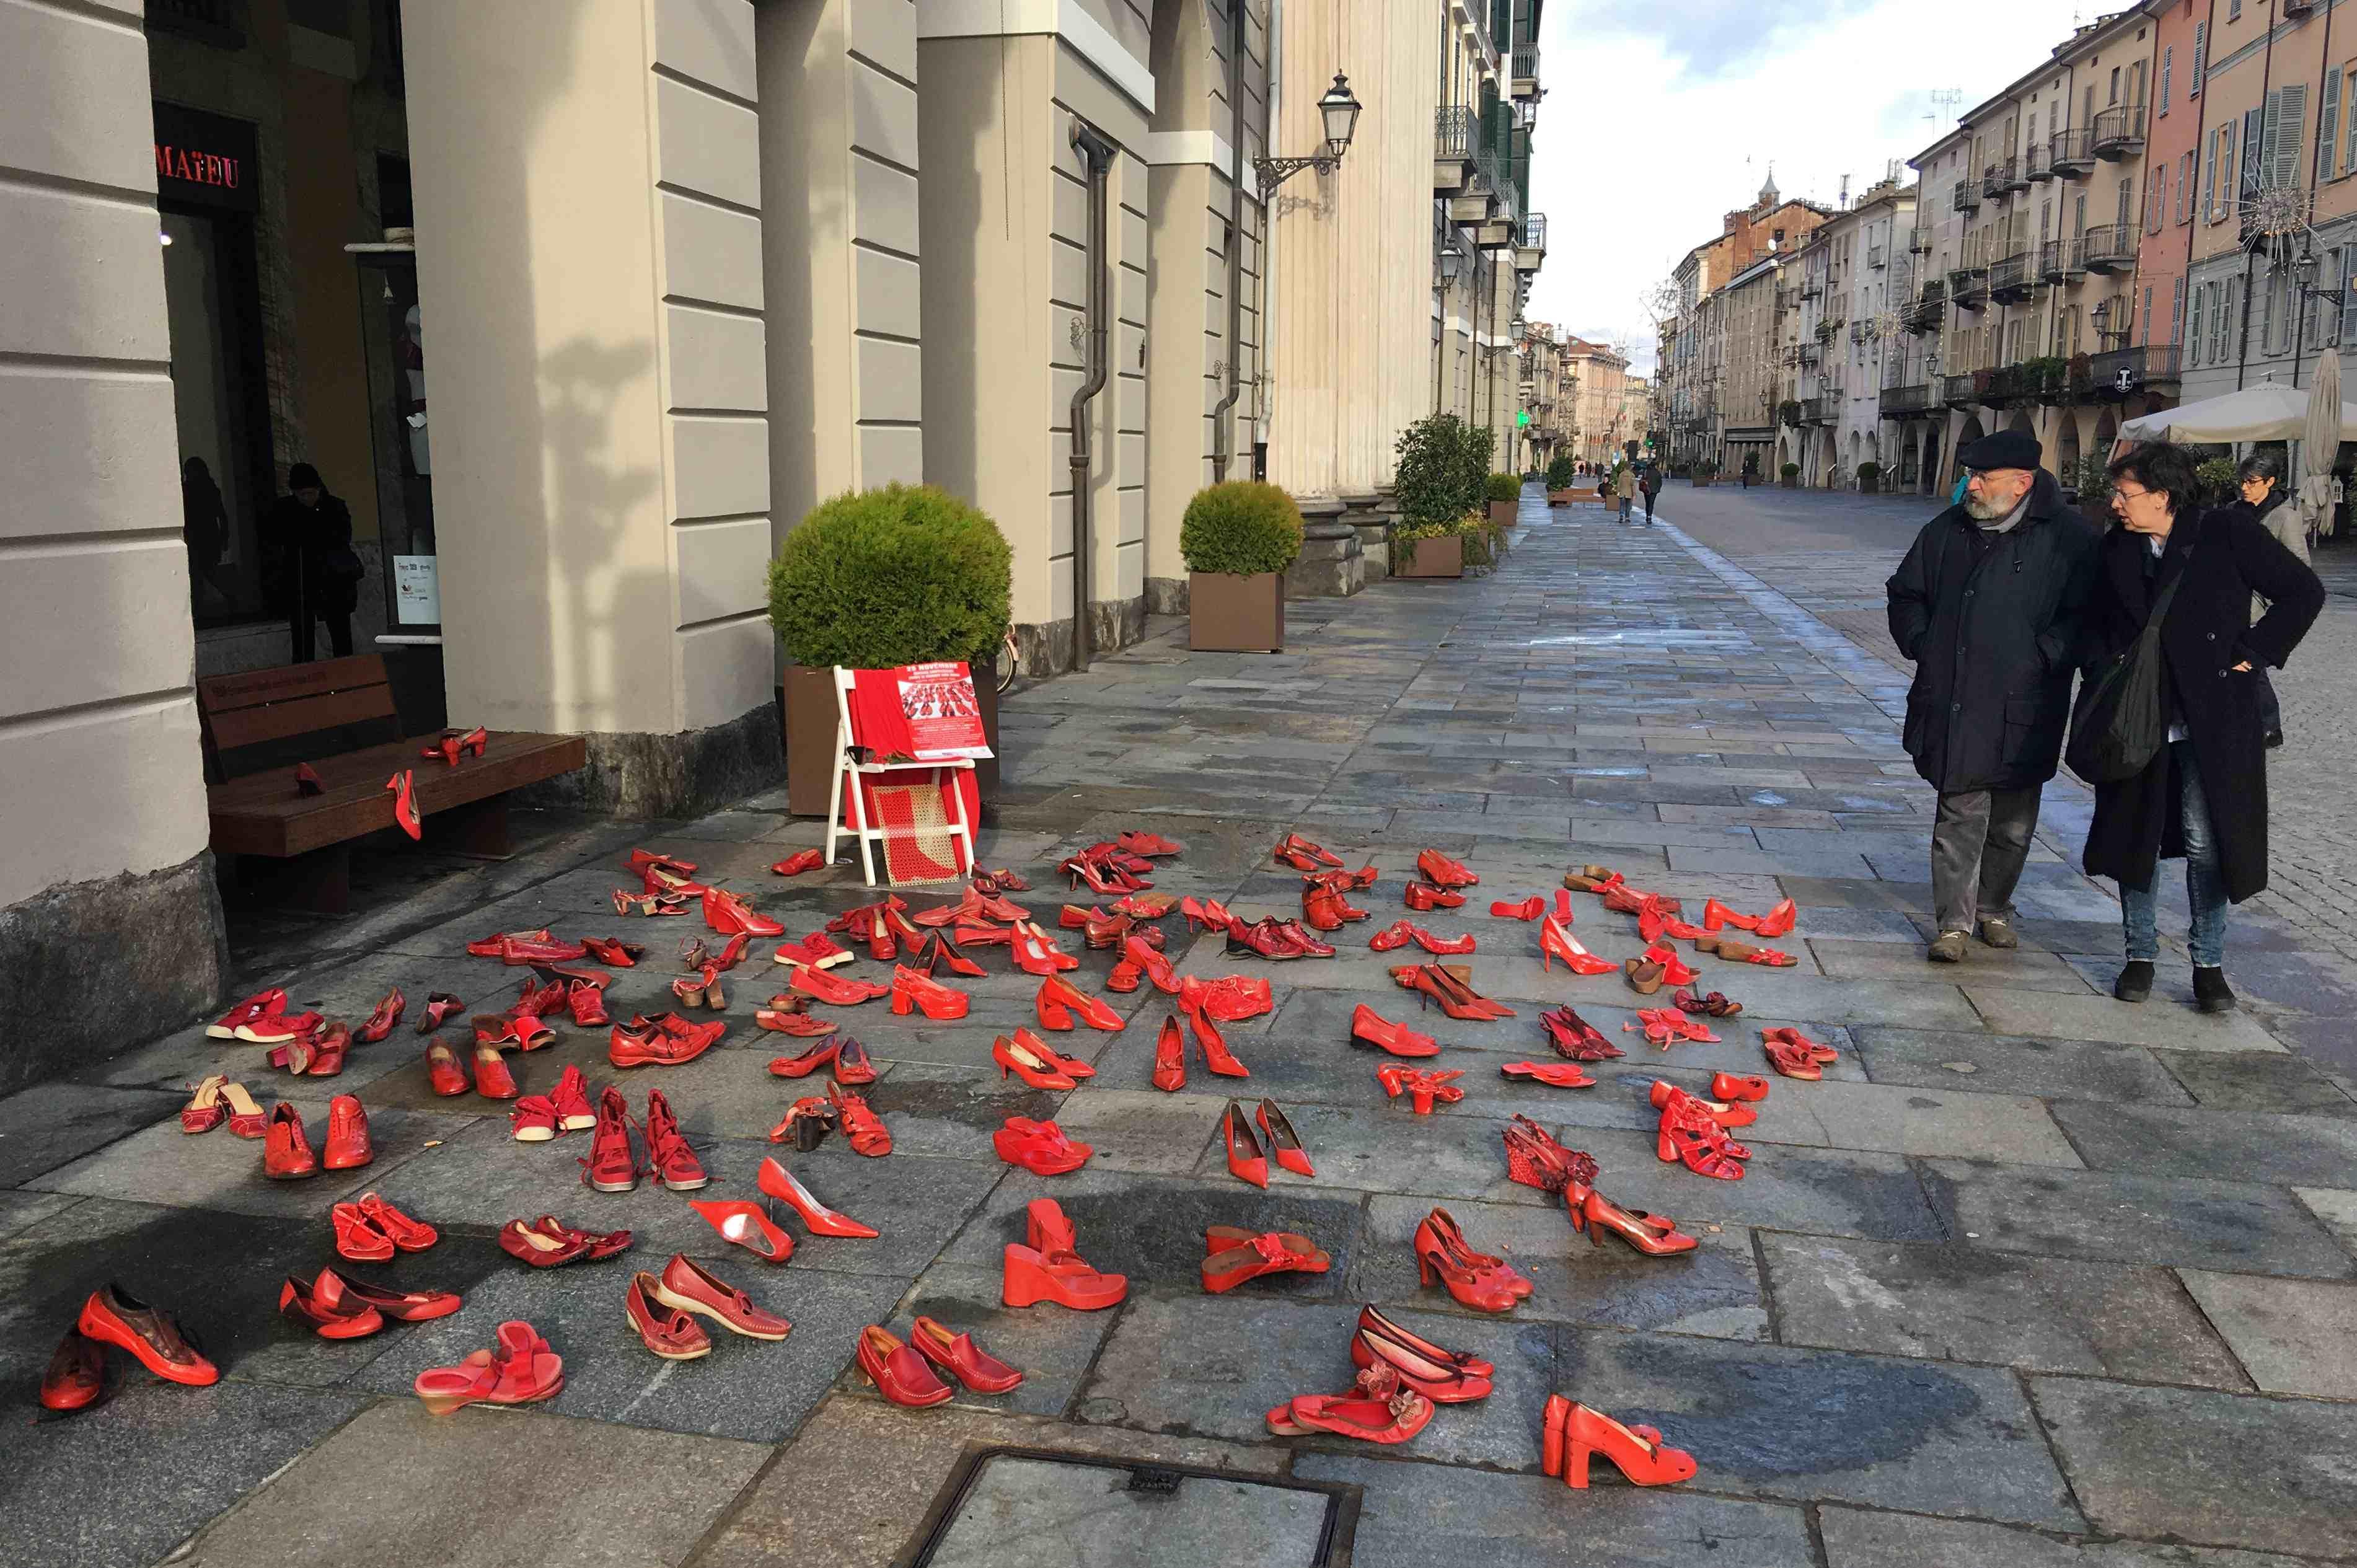 La Guida - Scarpe rosse, simbolo per dire no alla violenza contro le donne